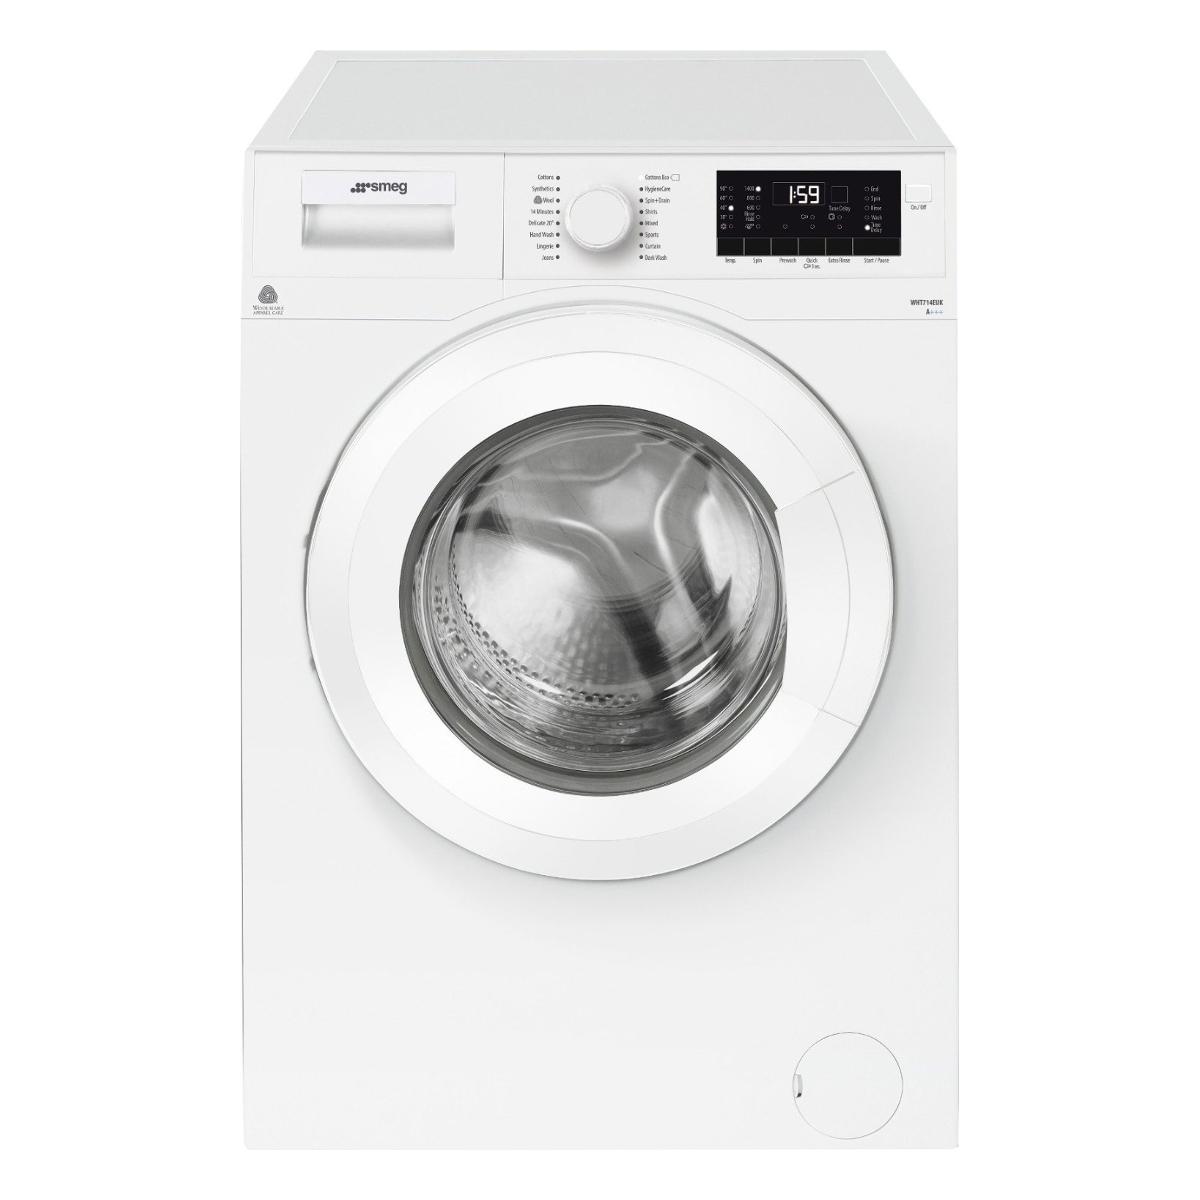 Smeg Wht714euk 7kg Load Washing Machine White Hughes